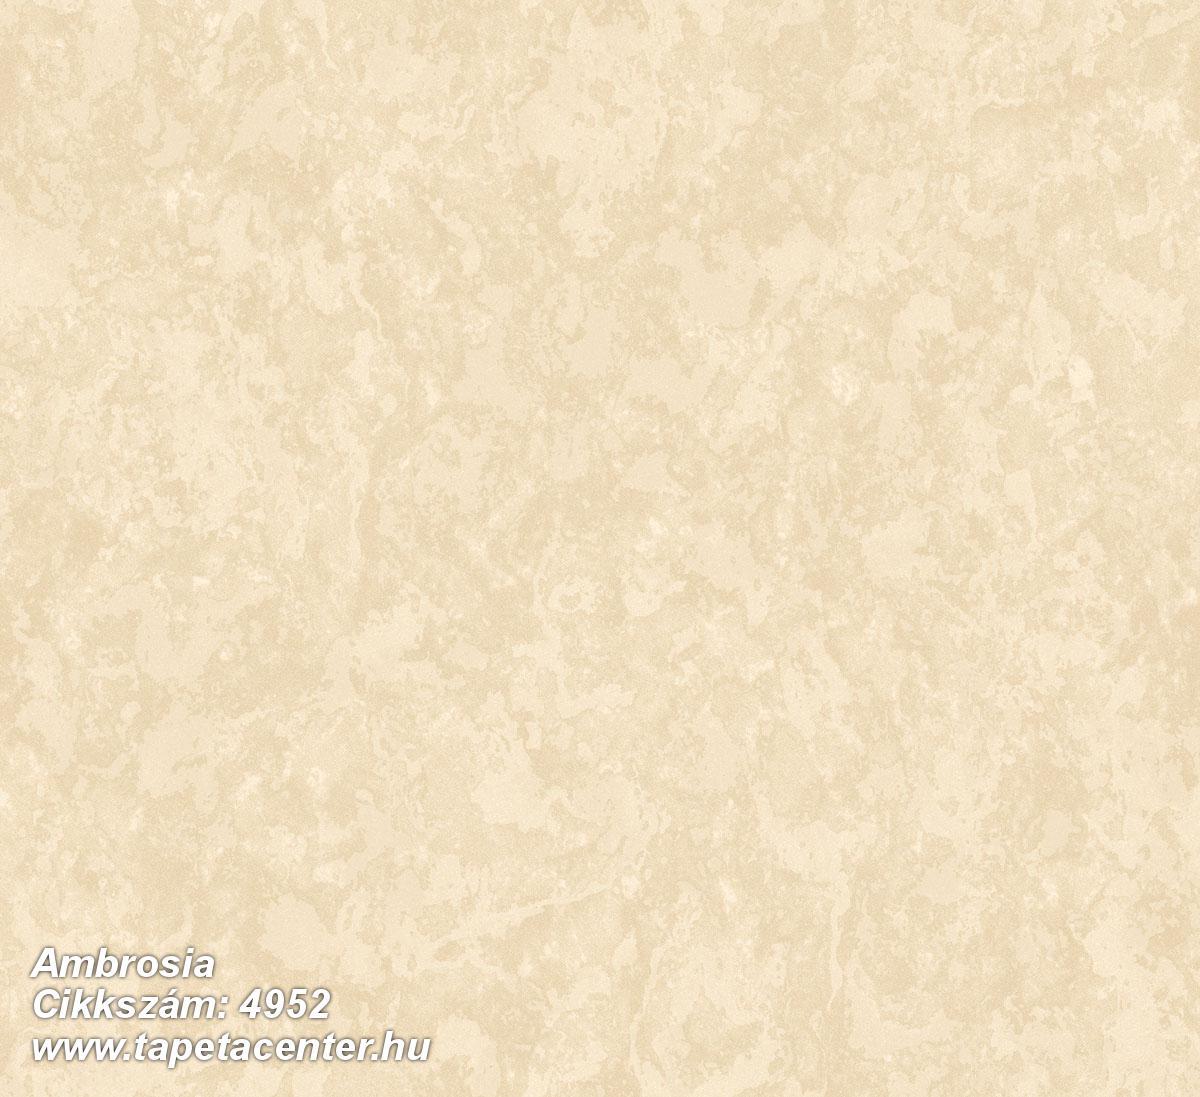 Ambrosia - 4952 Olasz tapéta